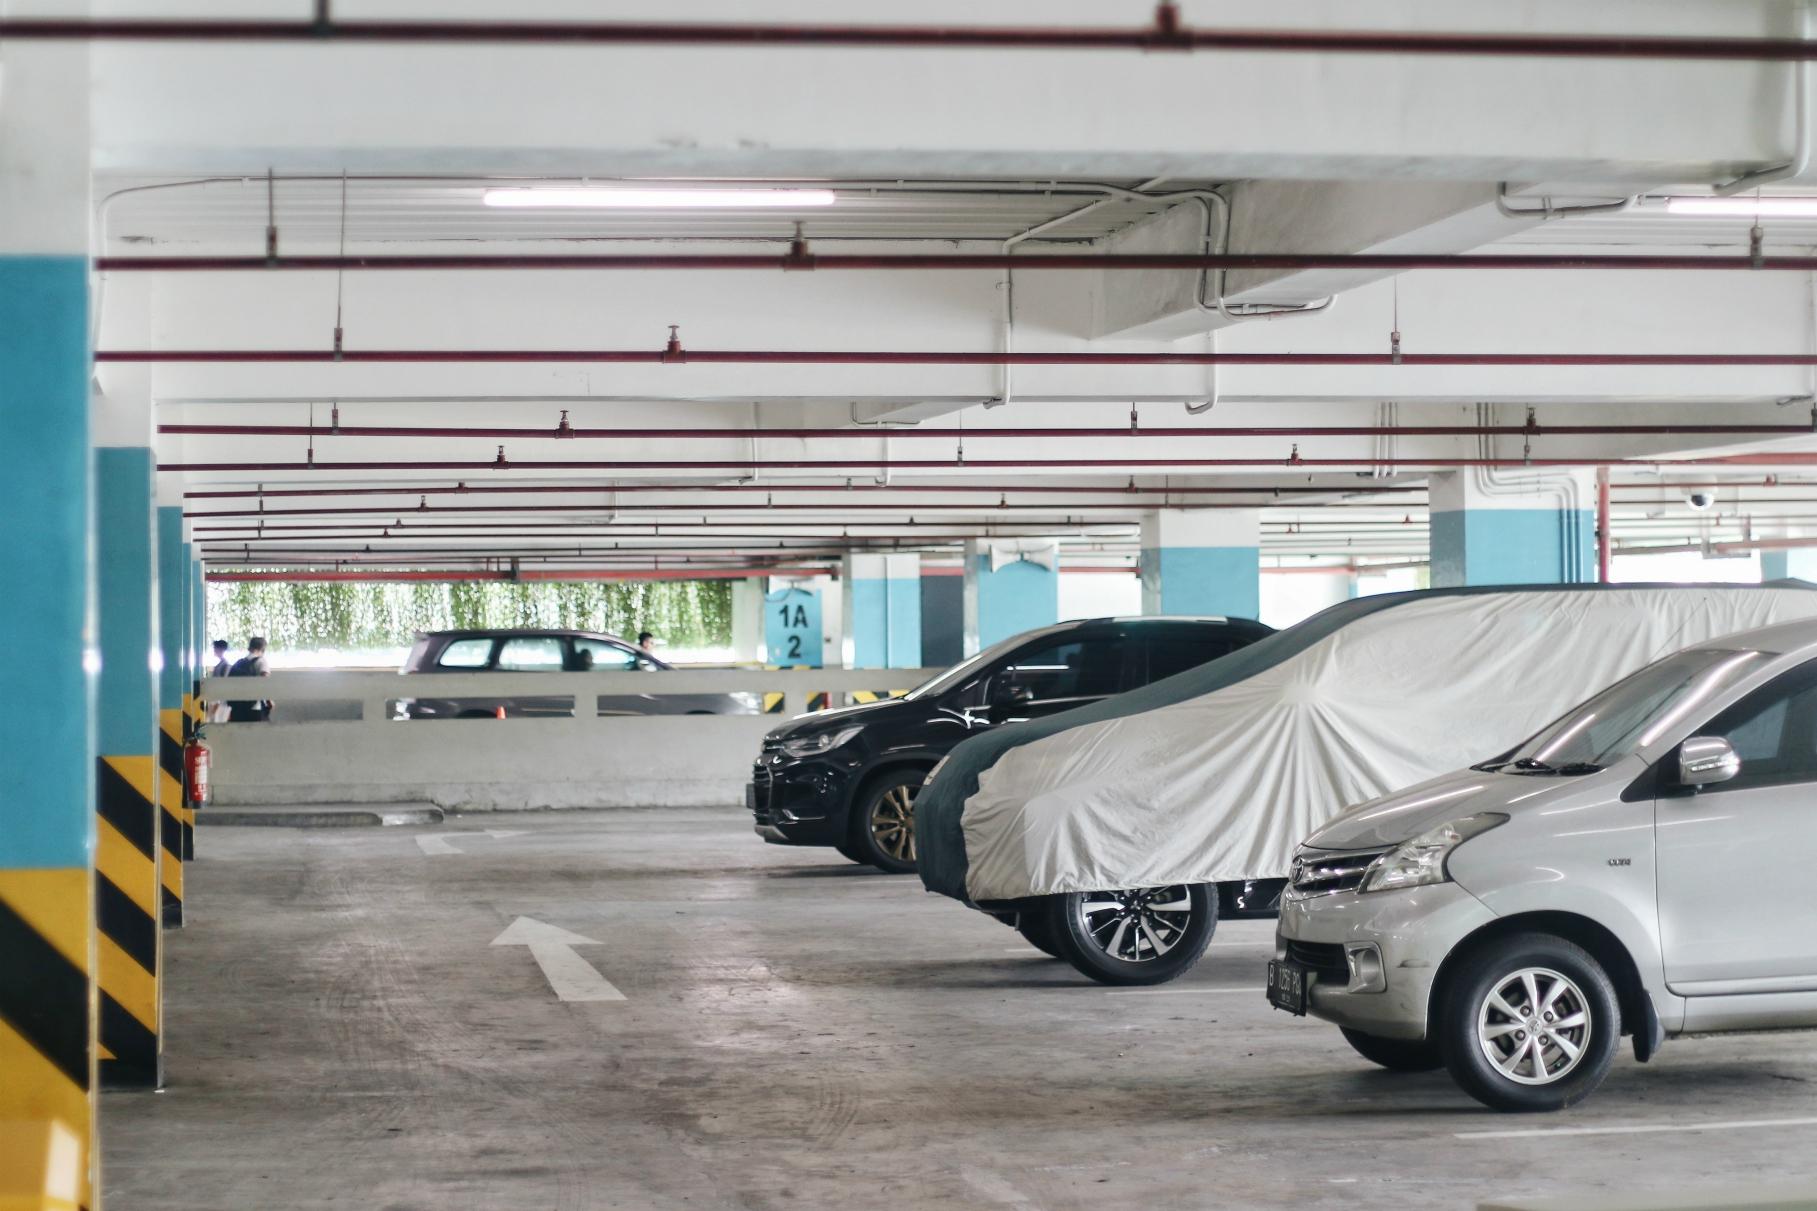 parkir4.jpg